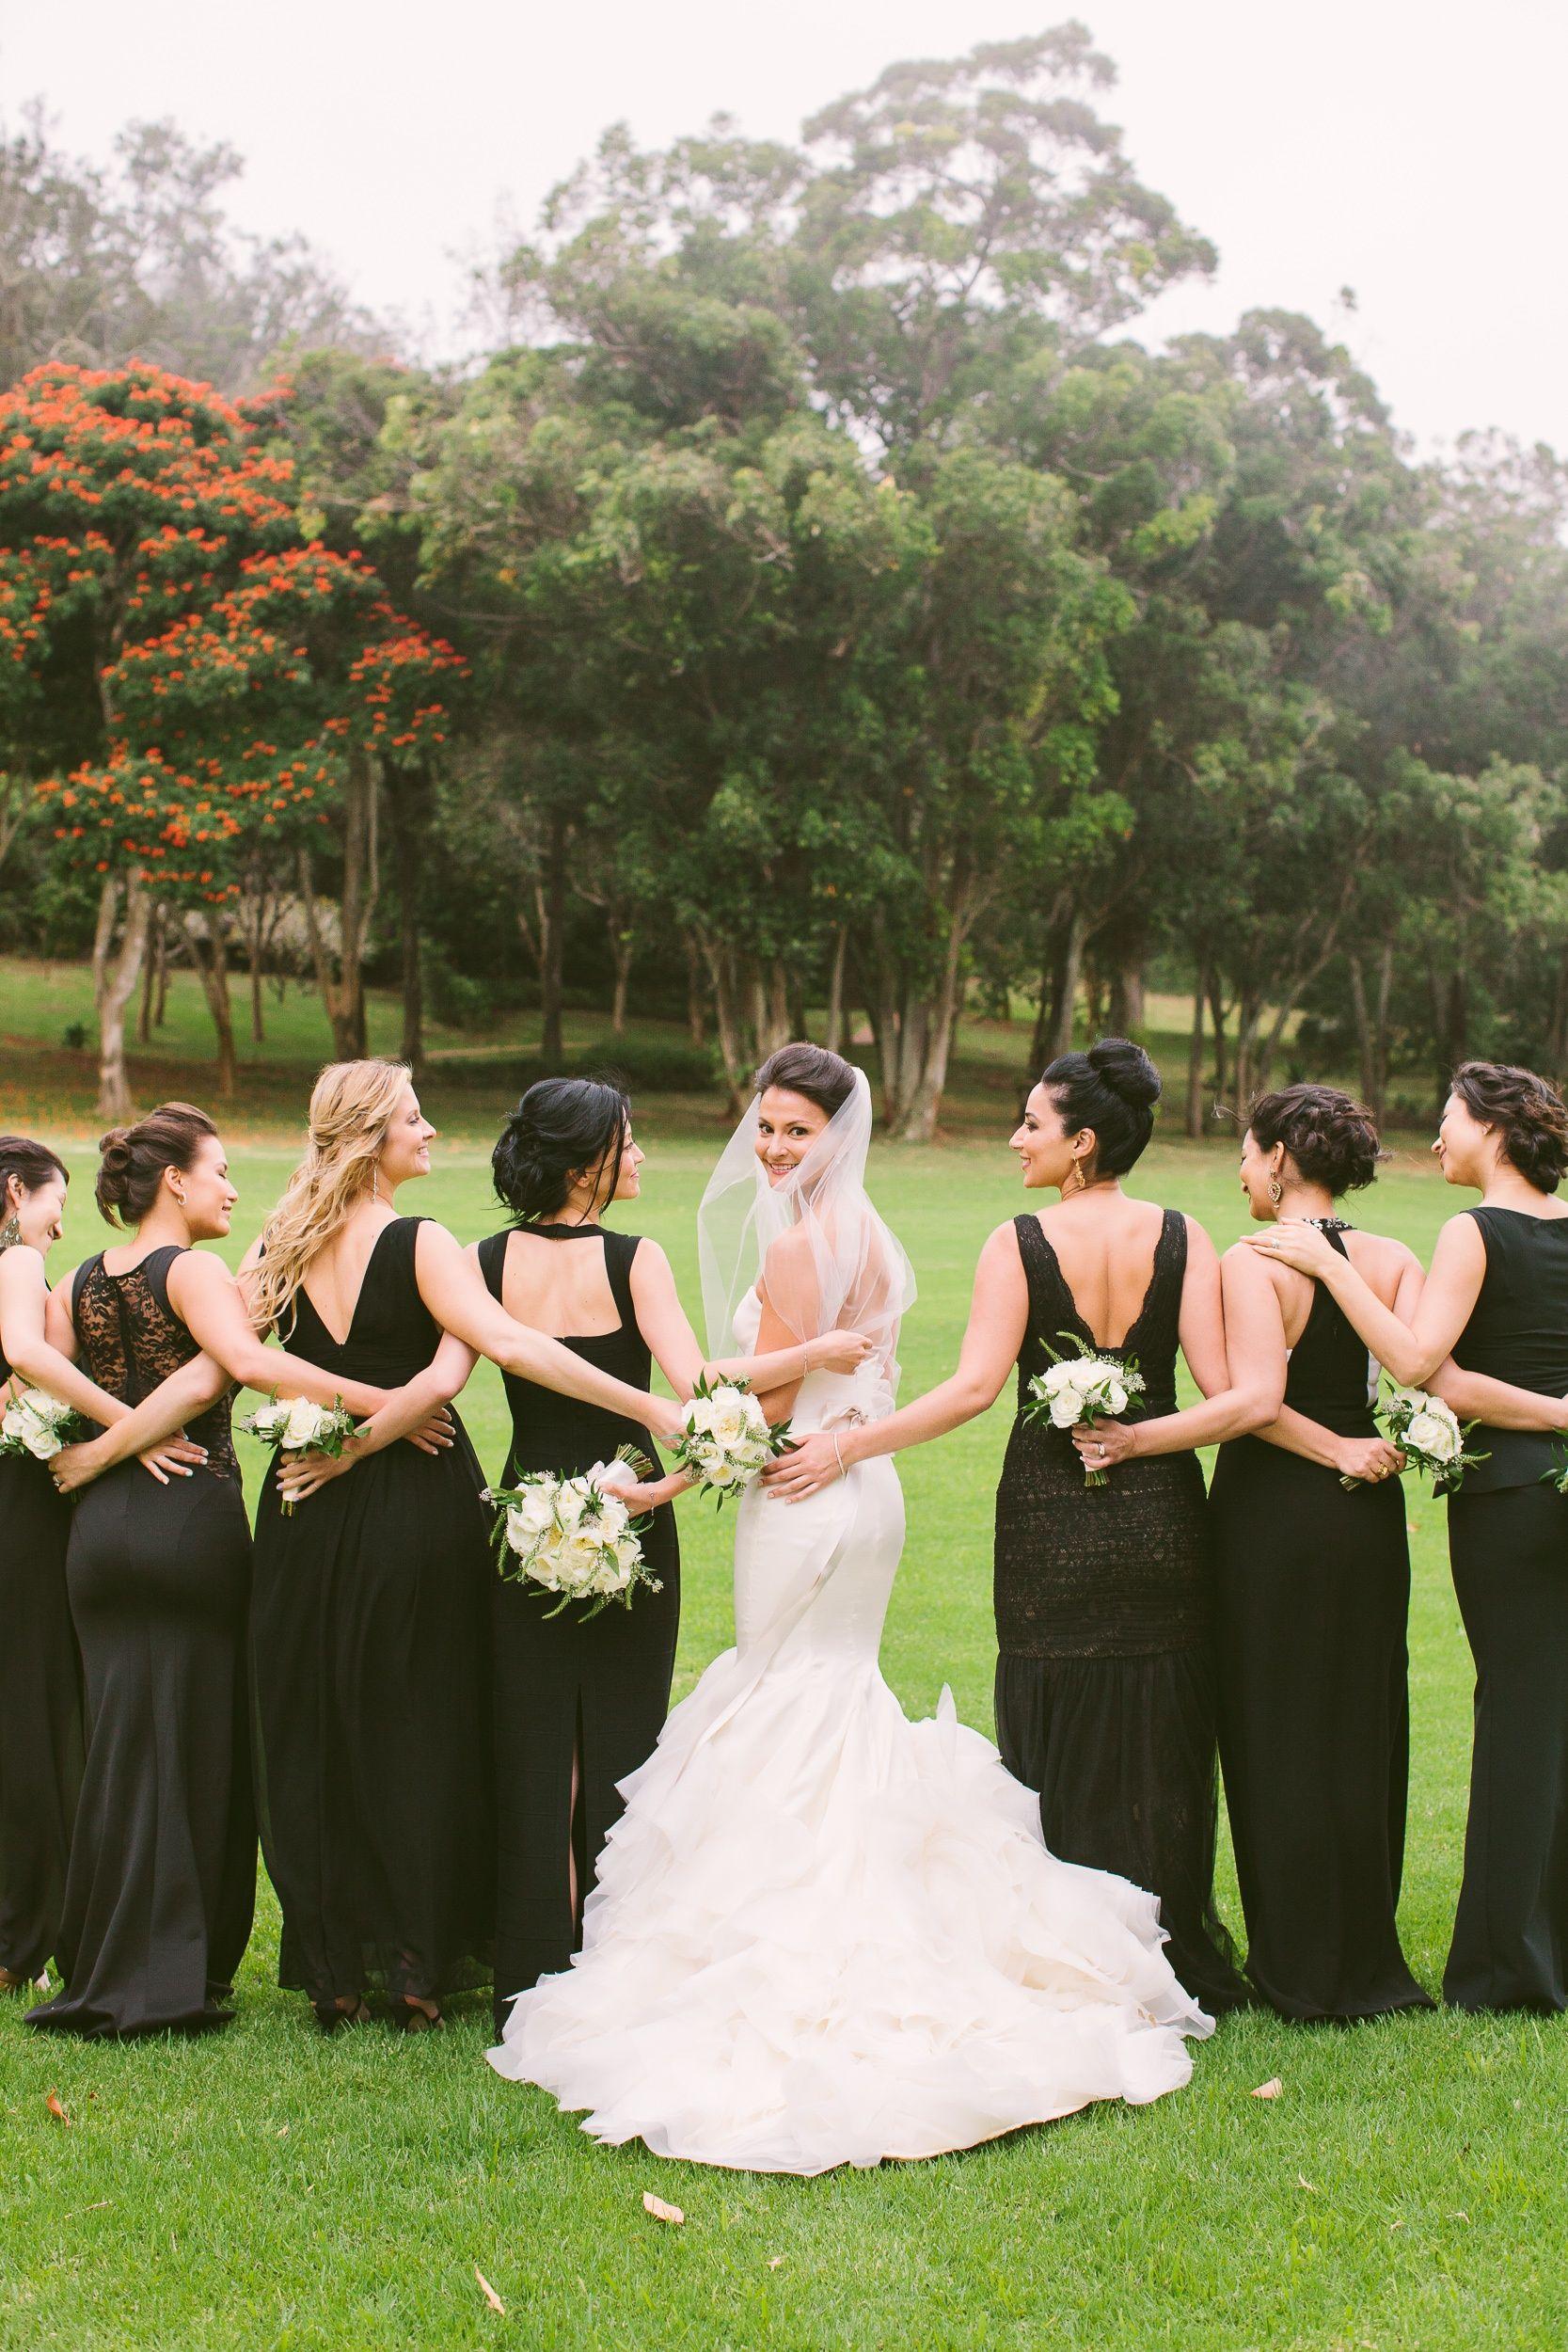 Long, mismatched black bridesmaid dresses